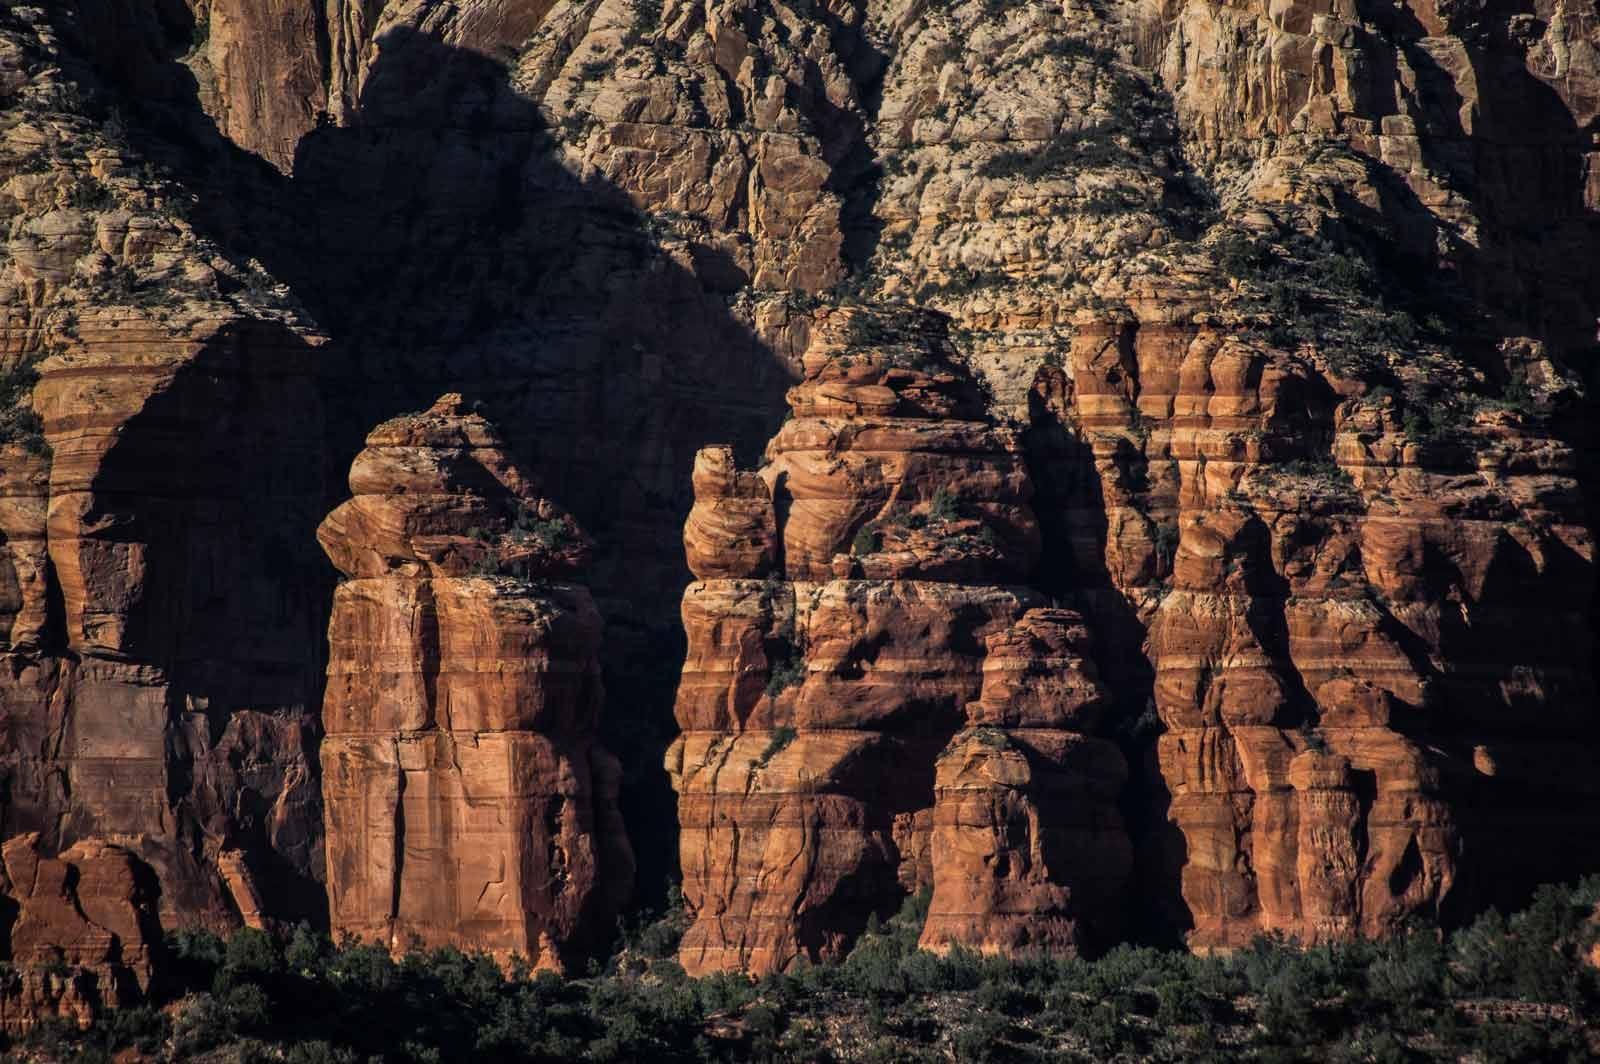 Pared de rocas sedimentarias